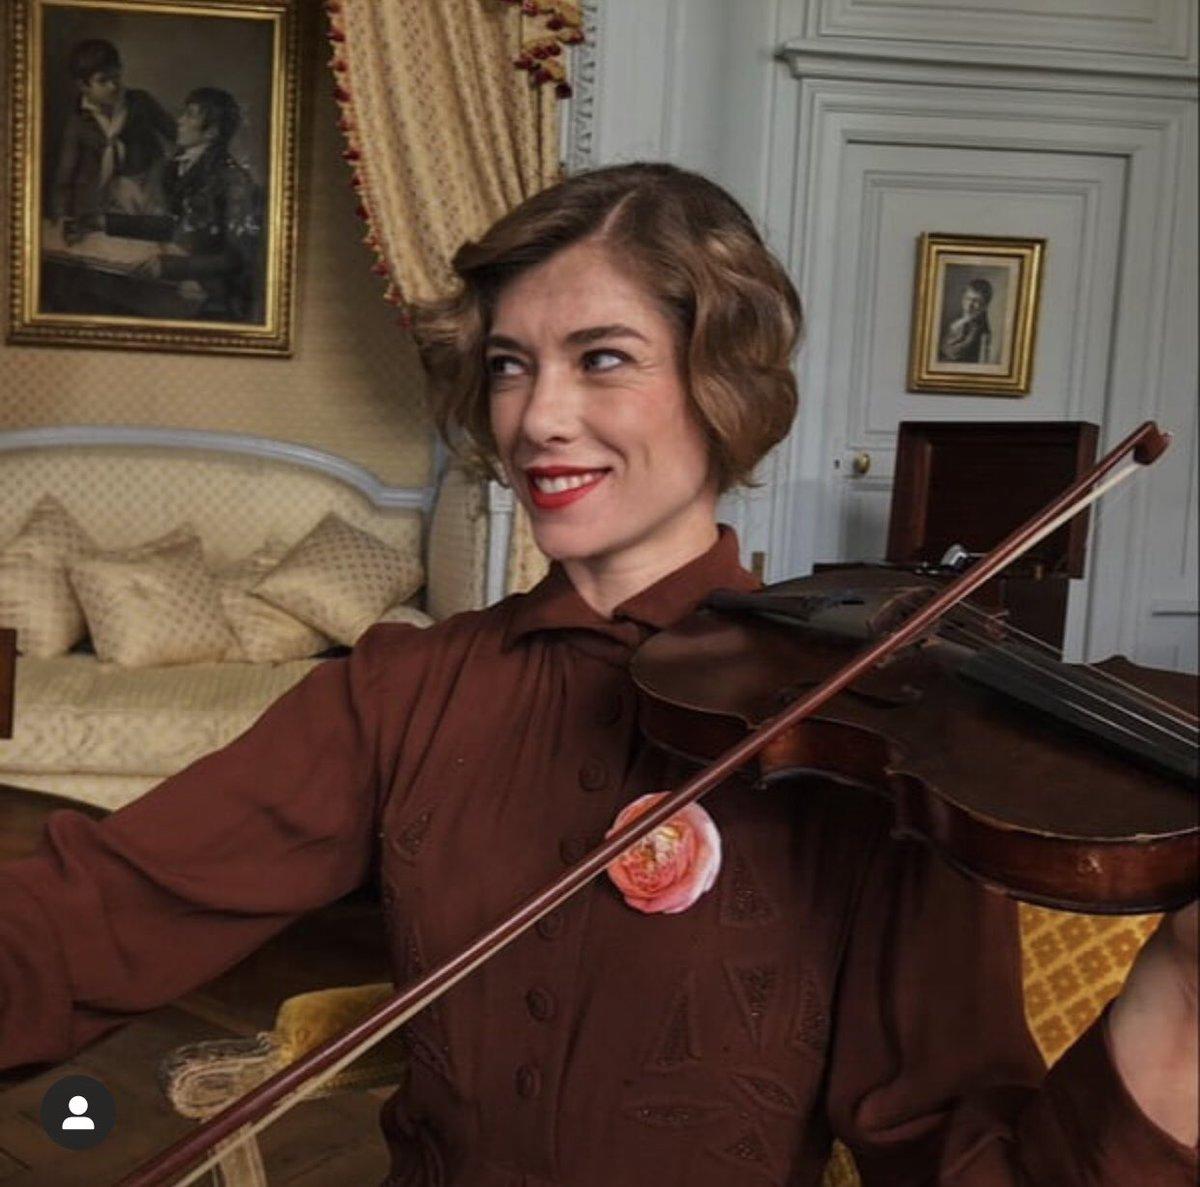 📈 #Audiences « #SecretsDhistoire : Élisabeth, la drôle de reine de Belgique » sur #France3 (11/01/21)  👥 2,12M de téléspectateurs 📌 9.3% de PDA https://t.co/cvXoxF3aVg